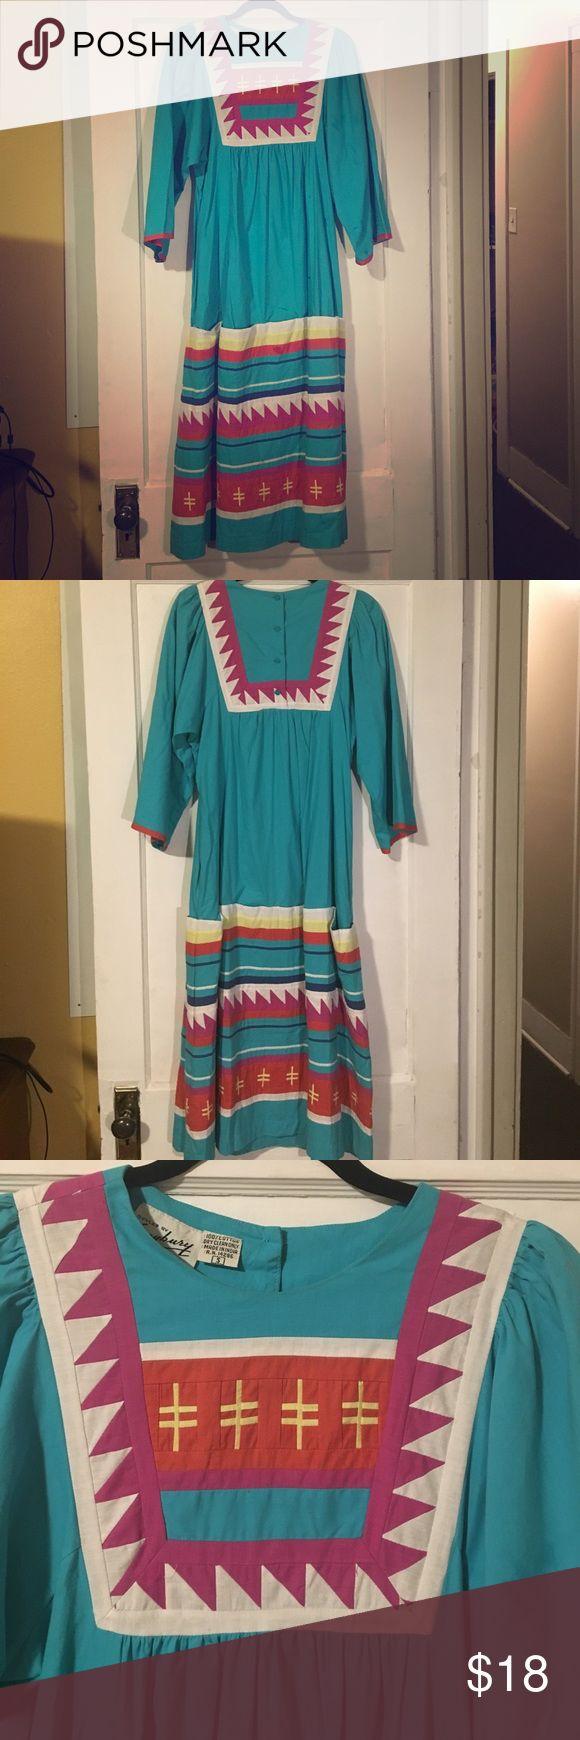 Vintage Saybury 1970s Style Dress Sz S Super cute turquoise 1970s bohemian Aztec vintage maxi dress. Vintage designer Saybury. Size S. No damages. Vintage Dresses Maxi